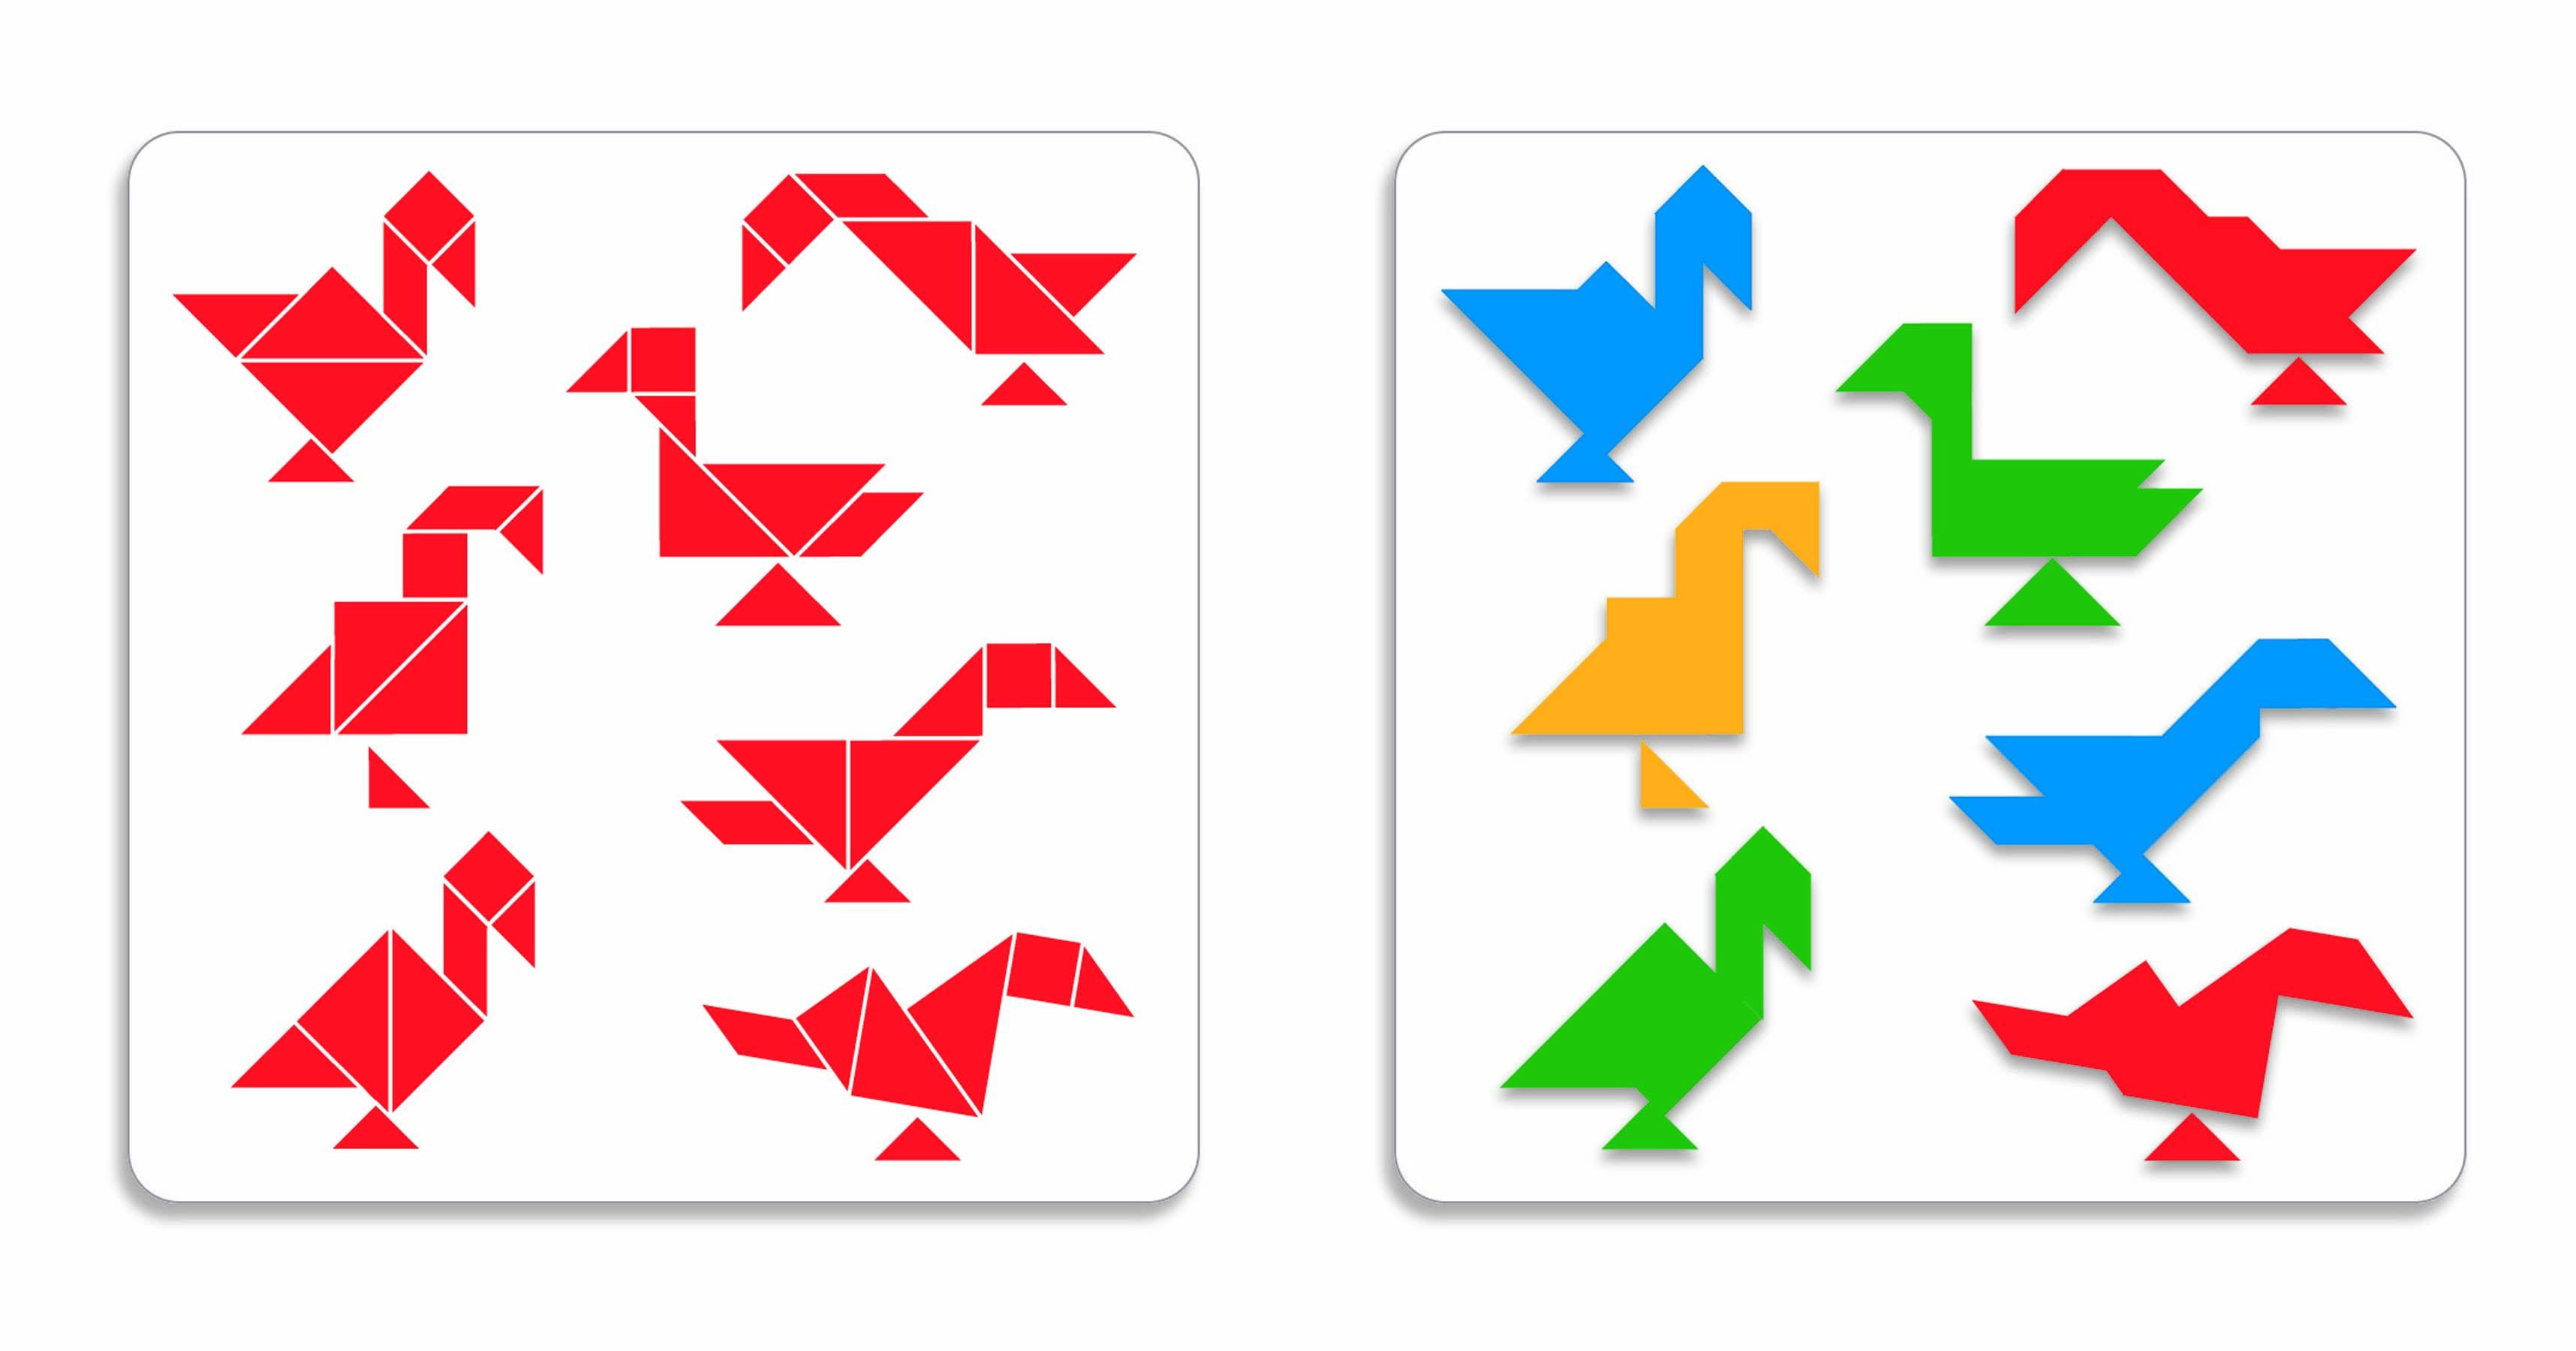 танграм картинки без контуров складывается, что портфолио